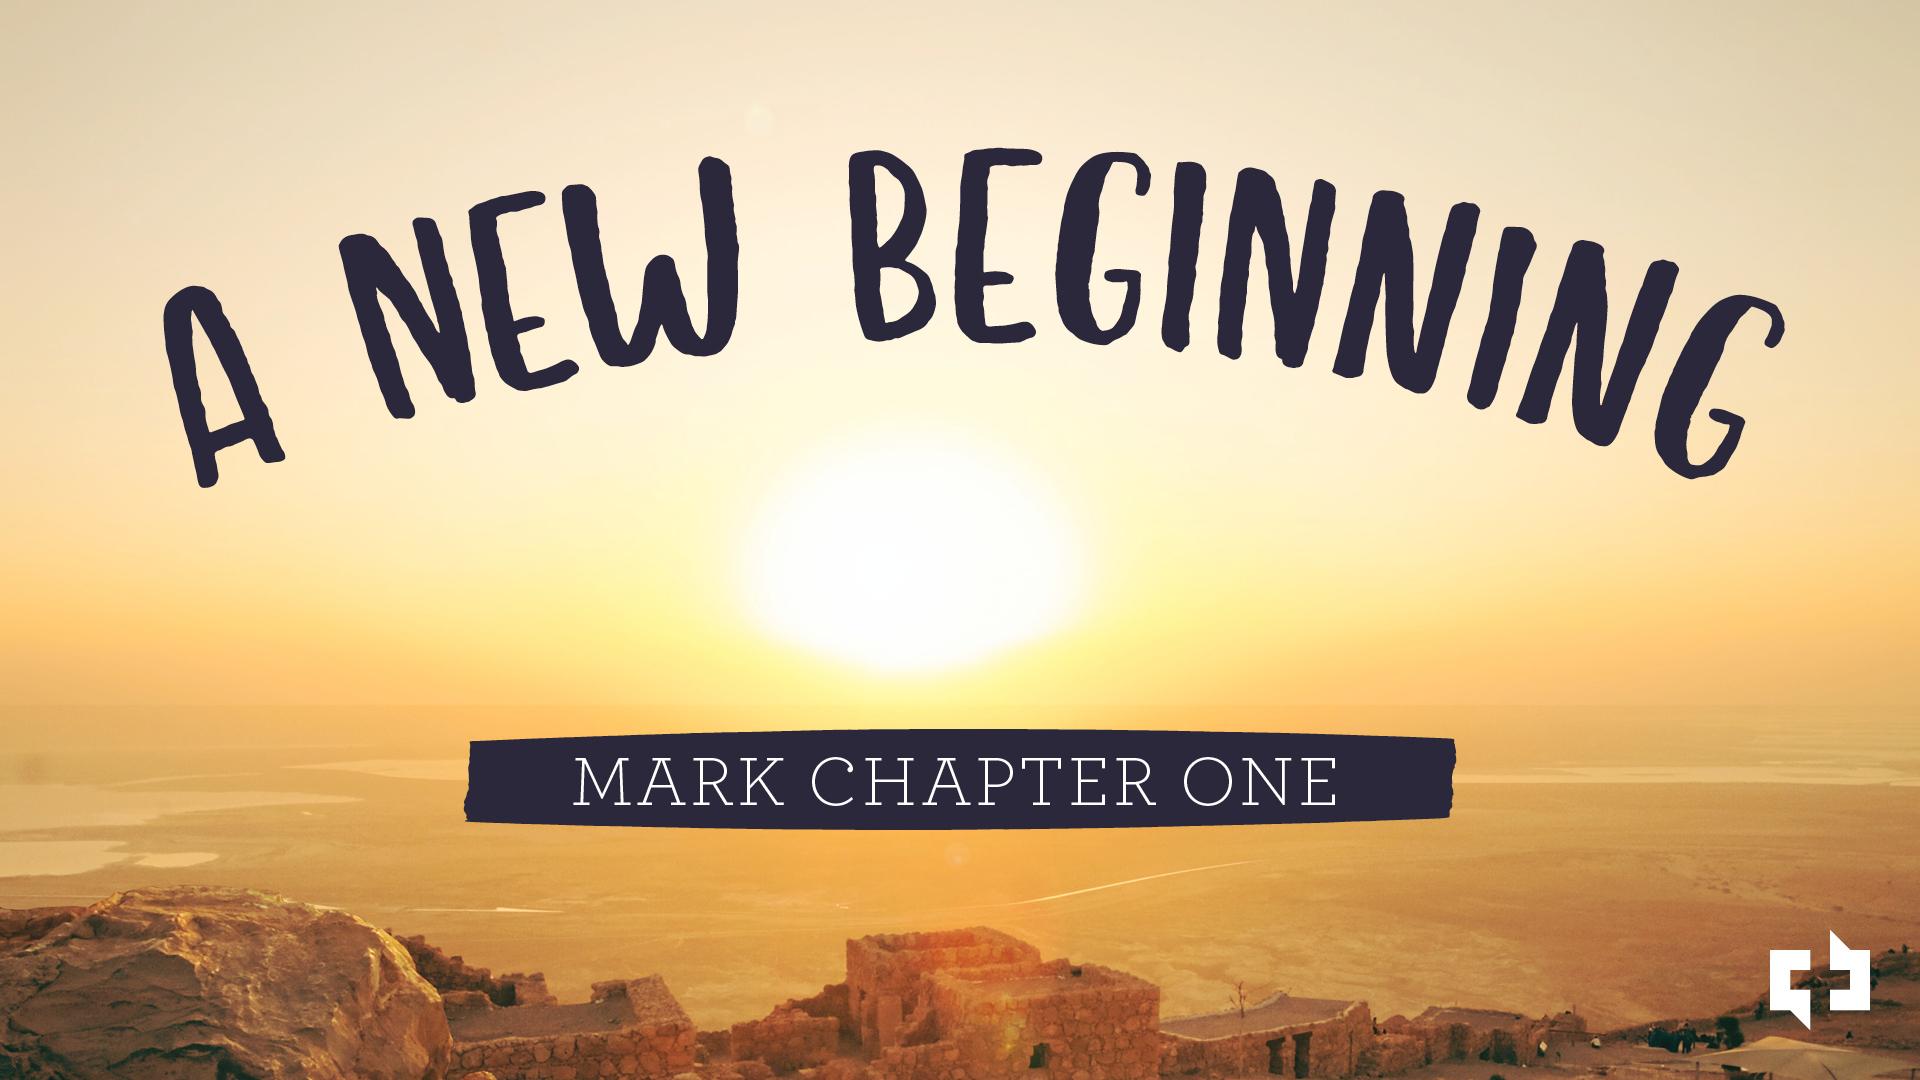 A New Beginning Website Image